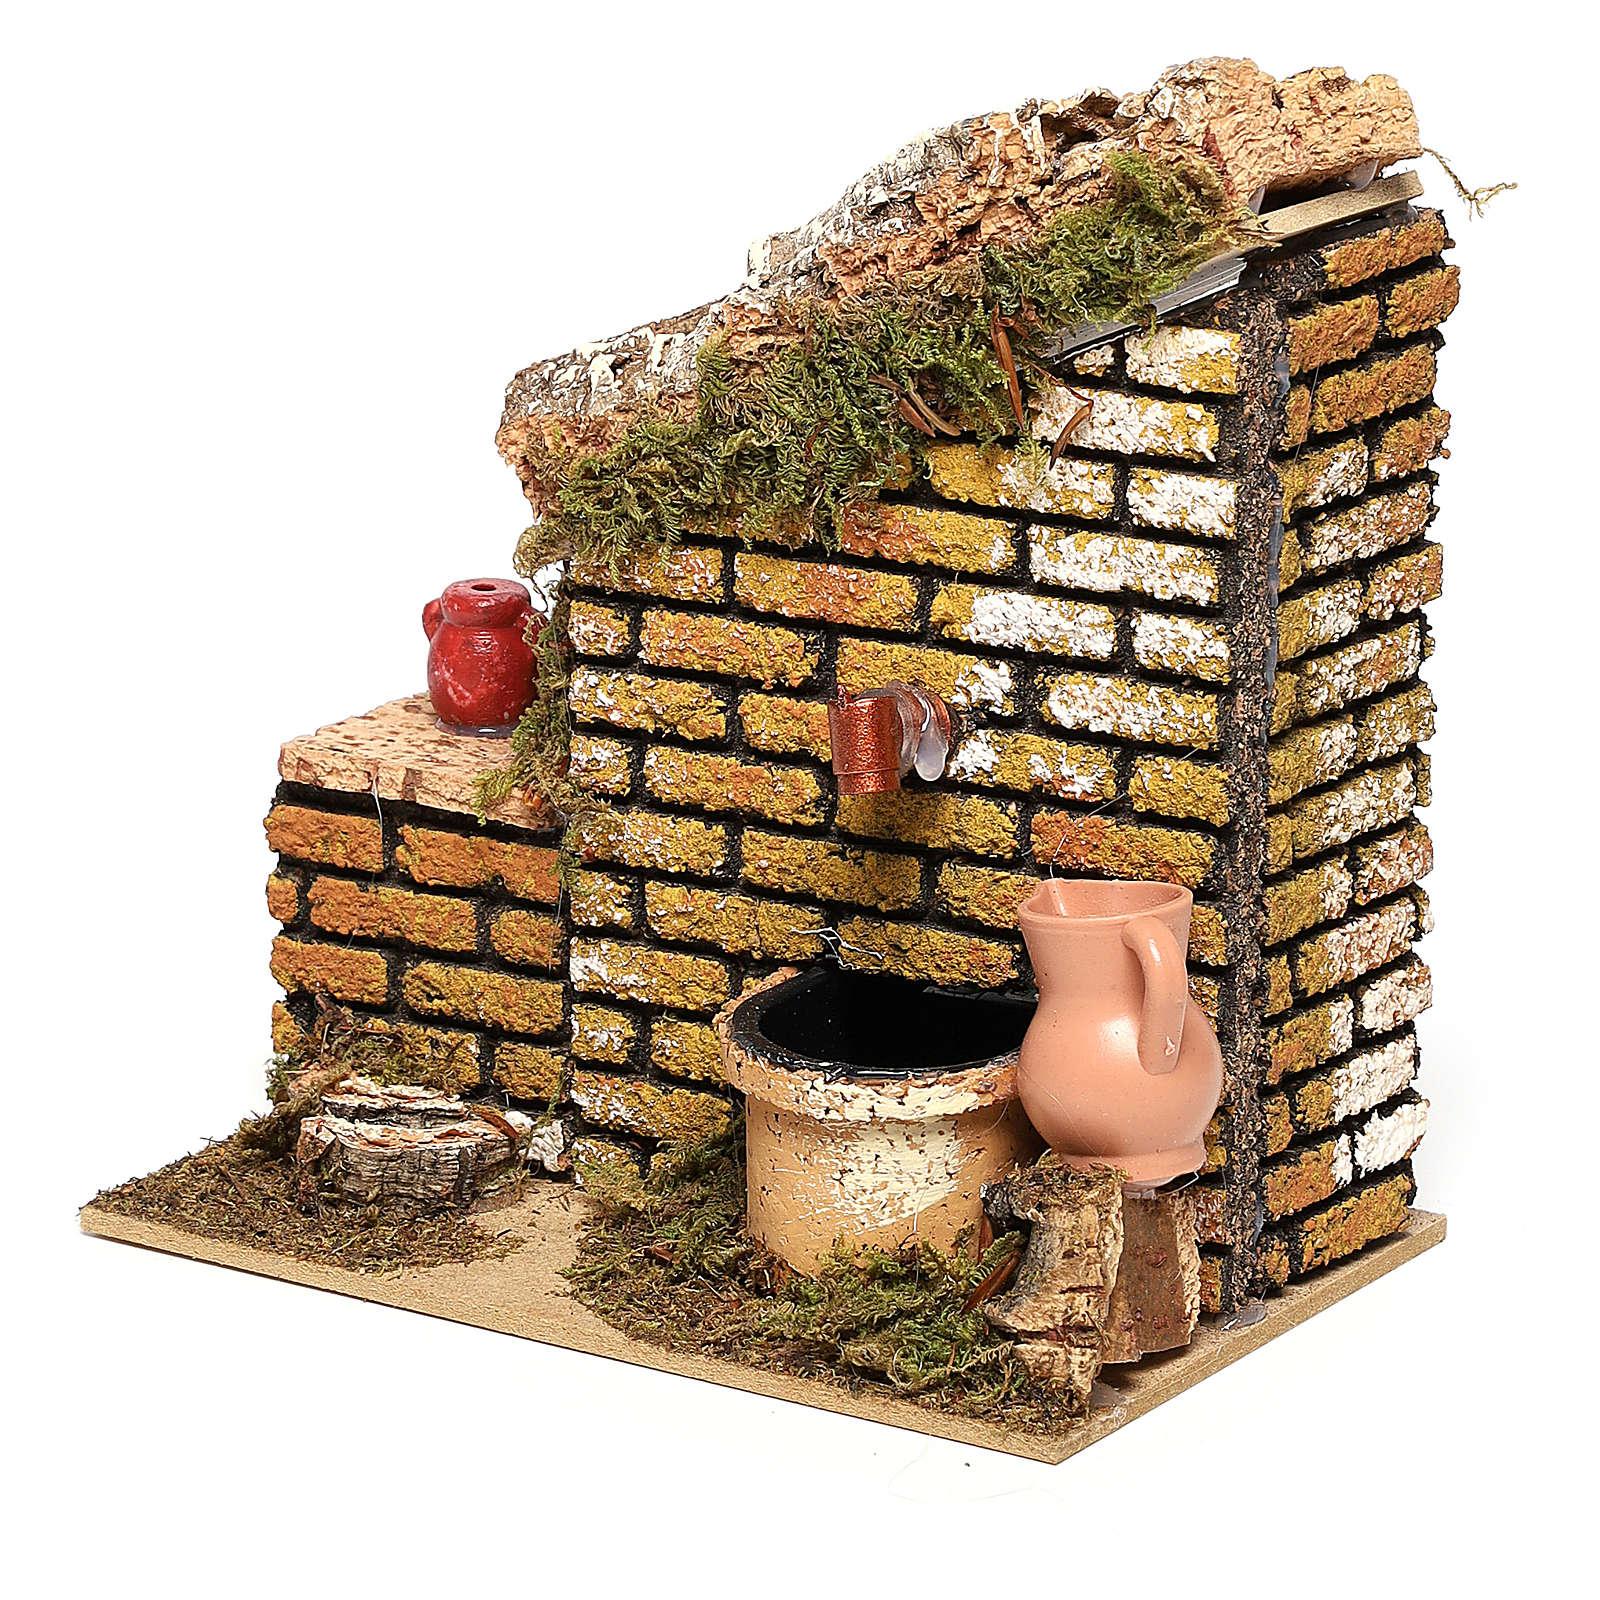 Fontaine avec pompe et mur 15x15x10 cm crèche 8-10 cm 4